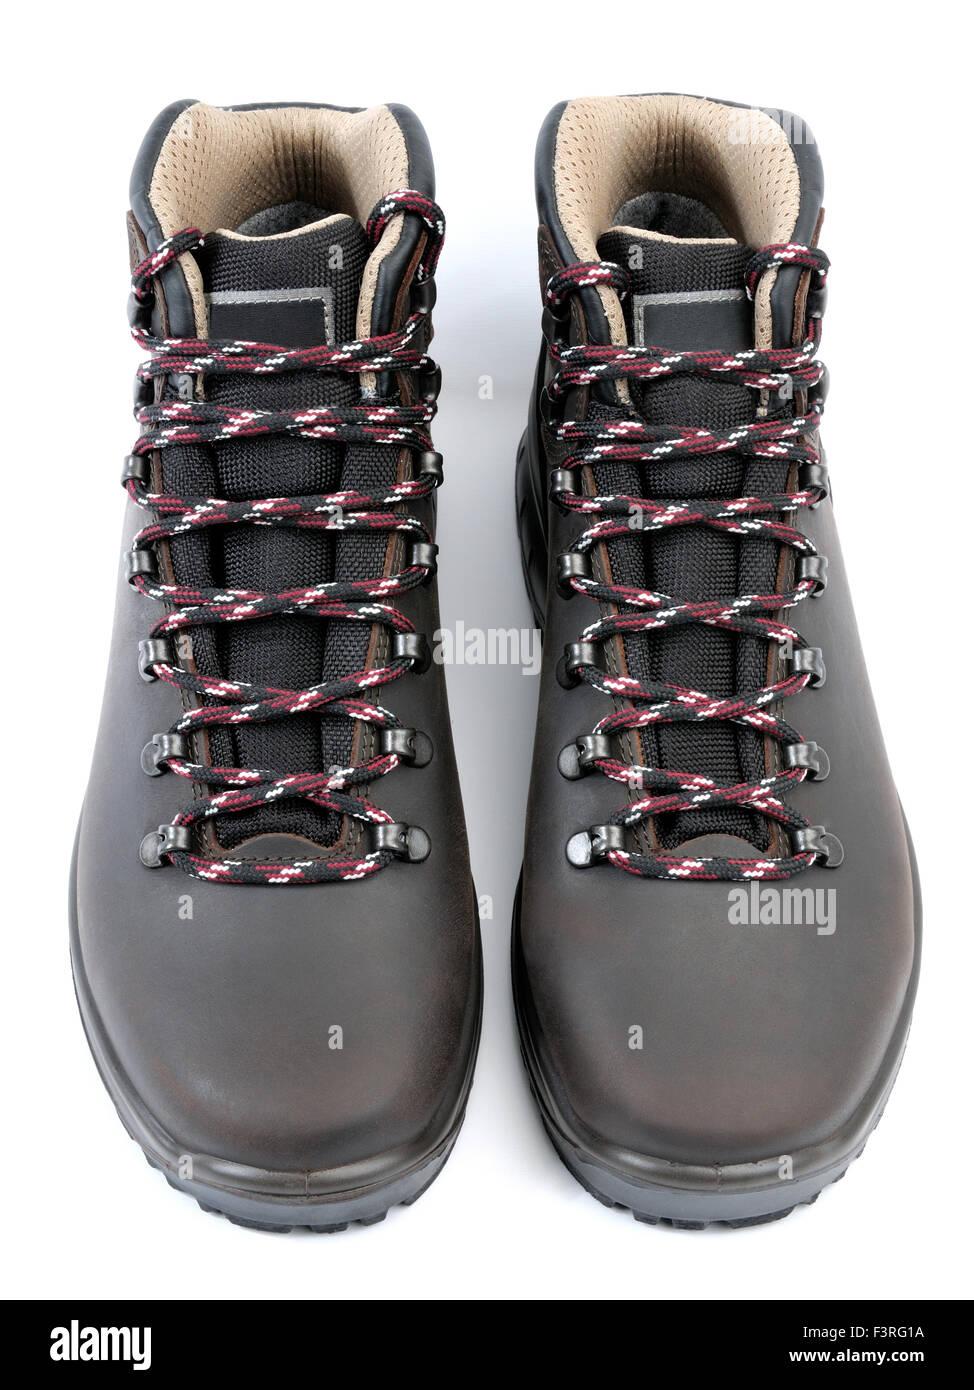 immagini dettagliate la scelta migliore vari colori Impermeabile scarpe da trekking uomo in pelle marrone su sfondo ...